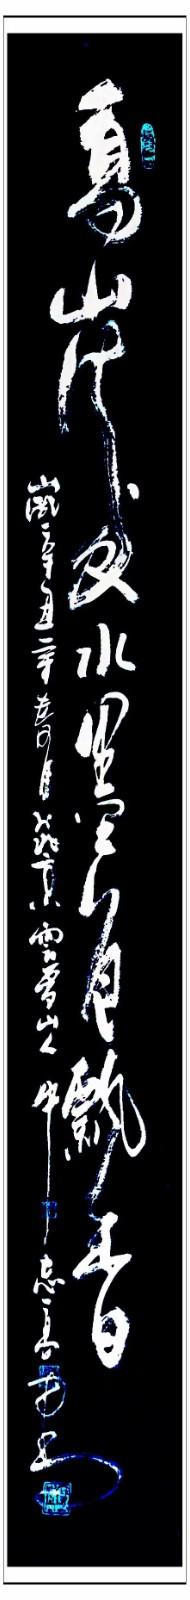 牛志高辛丑年书法新作---2021.02.20_图1-16